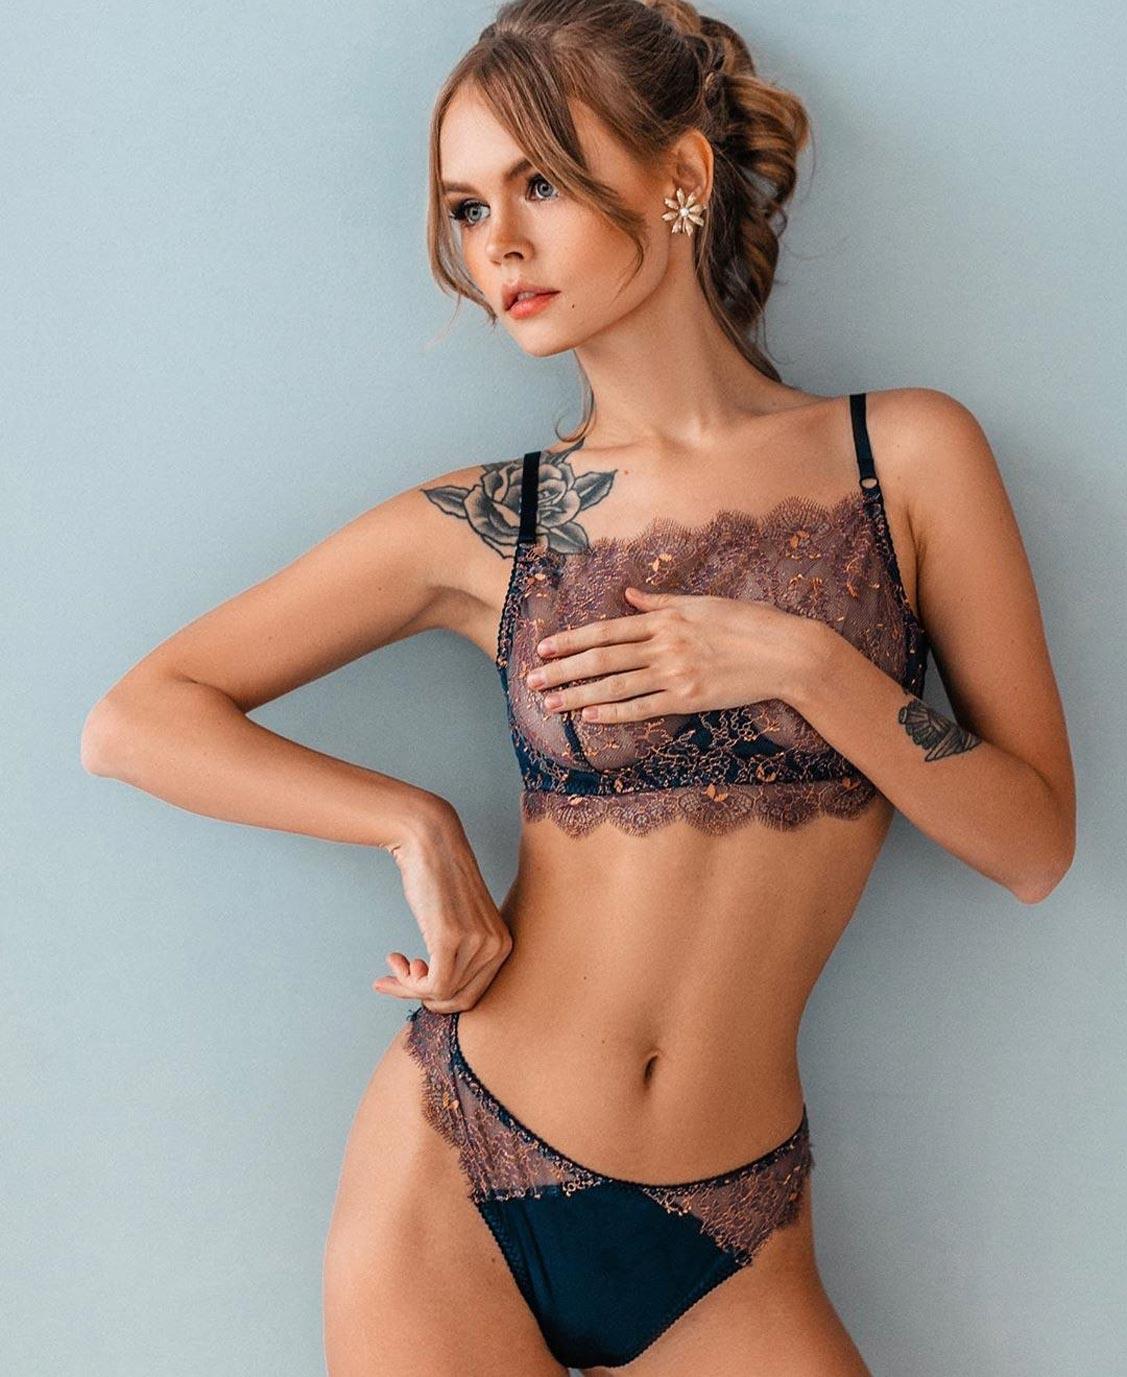 Анастасия Щеглова в нижнем белье торговой марки MissX / фото 10